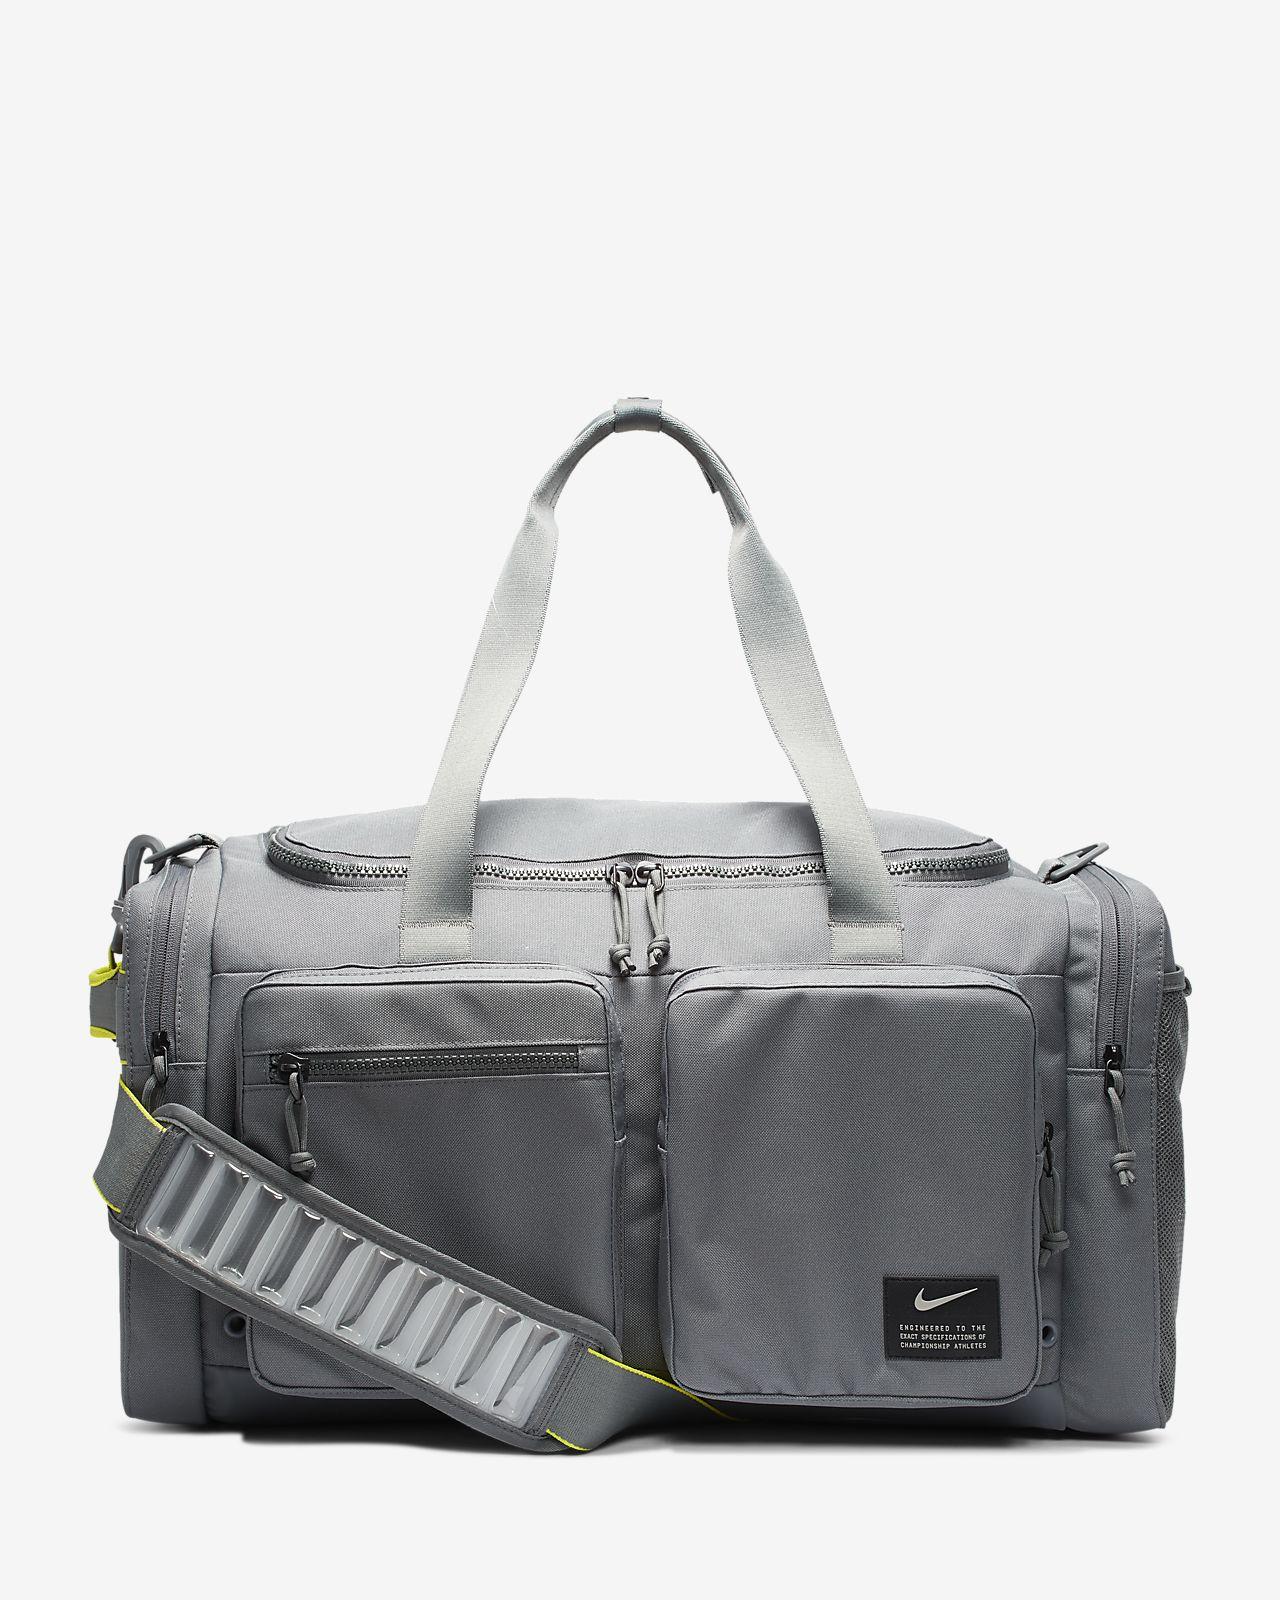 กระเป๋า Duffel เทรนนิ่ง Nike Utility Power (ไซส์ M)